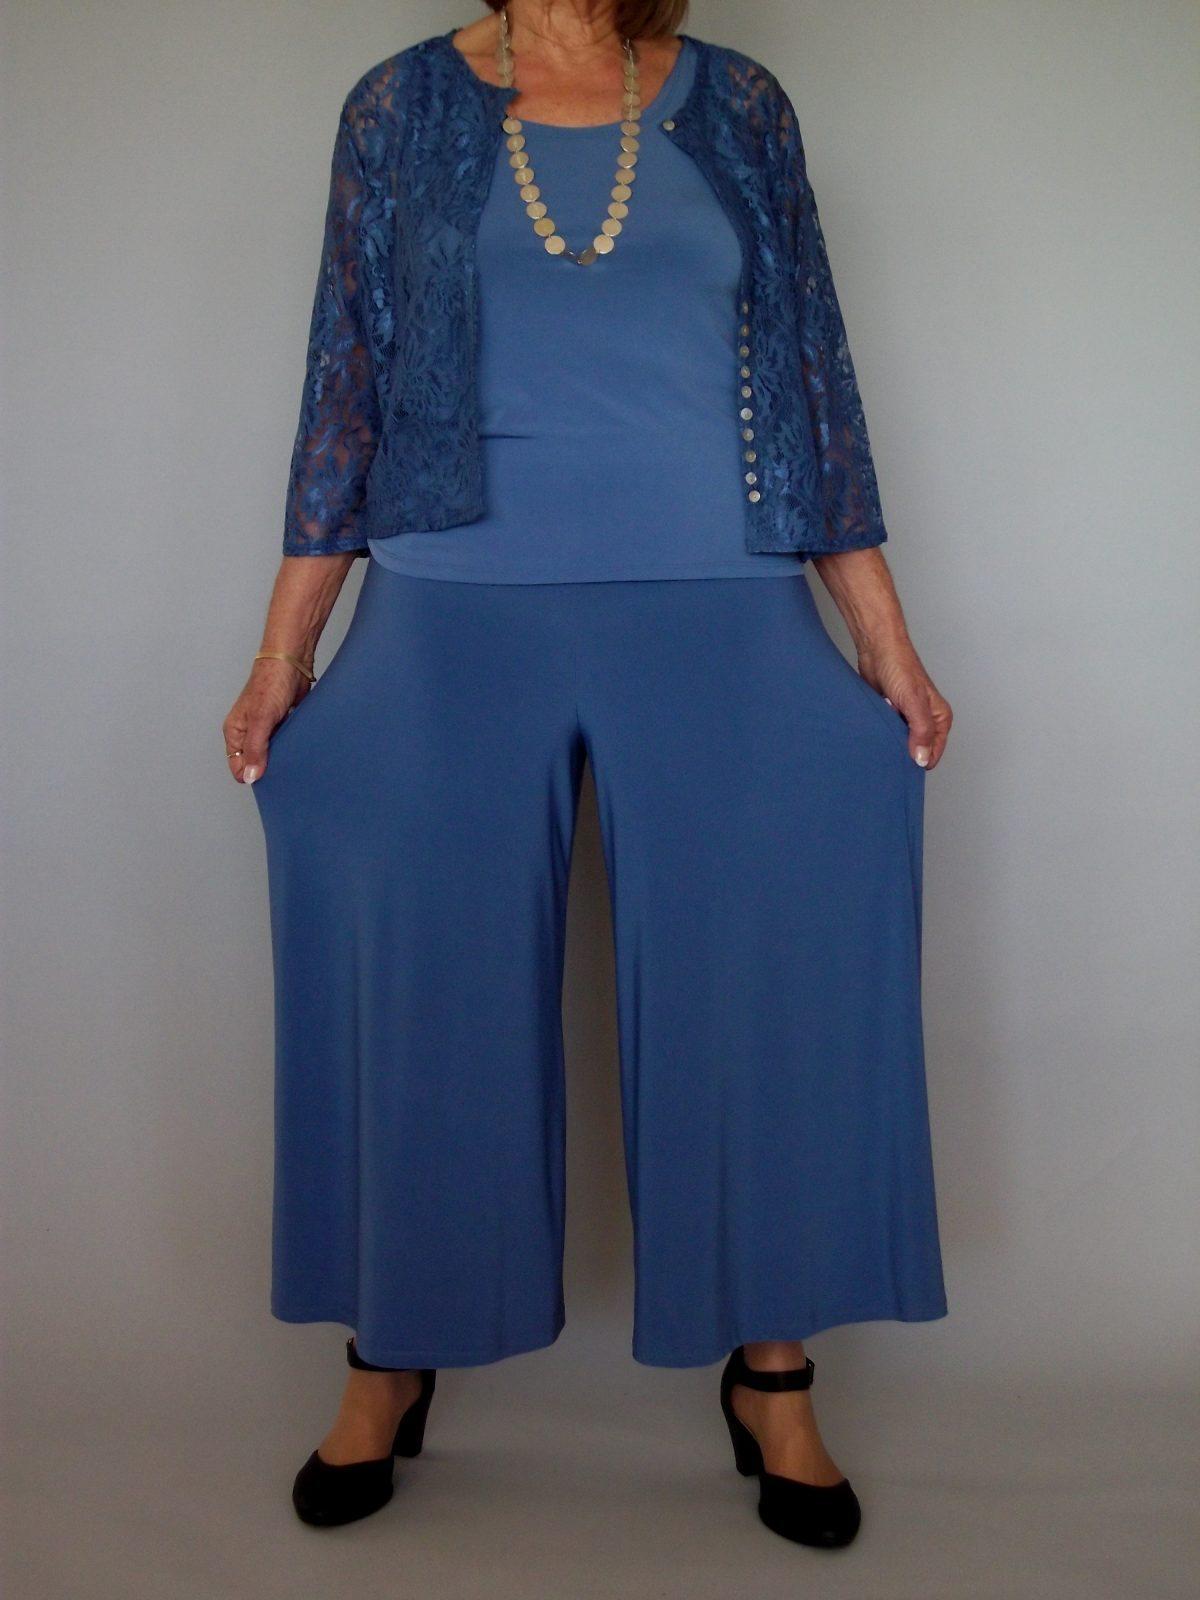 חצאית מכנסיים,כחול ג'ינס בהיר